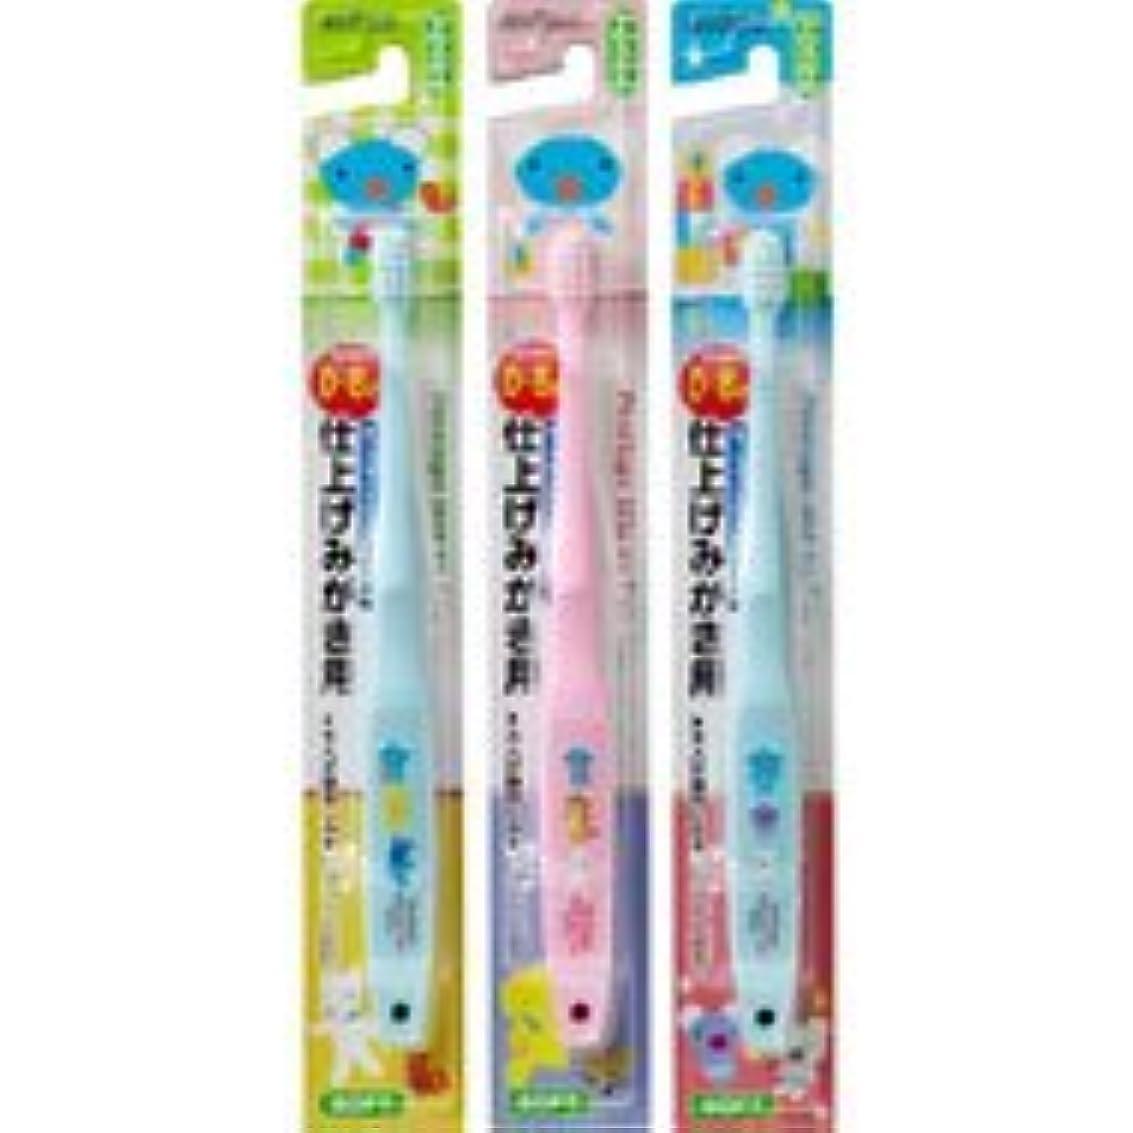 チチカカ湖ブリーク小説ペネロペ仕上げ磨き用歯ブラシ 3本 ※種類は当店お任せとなります